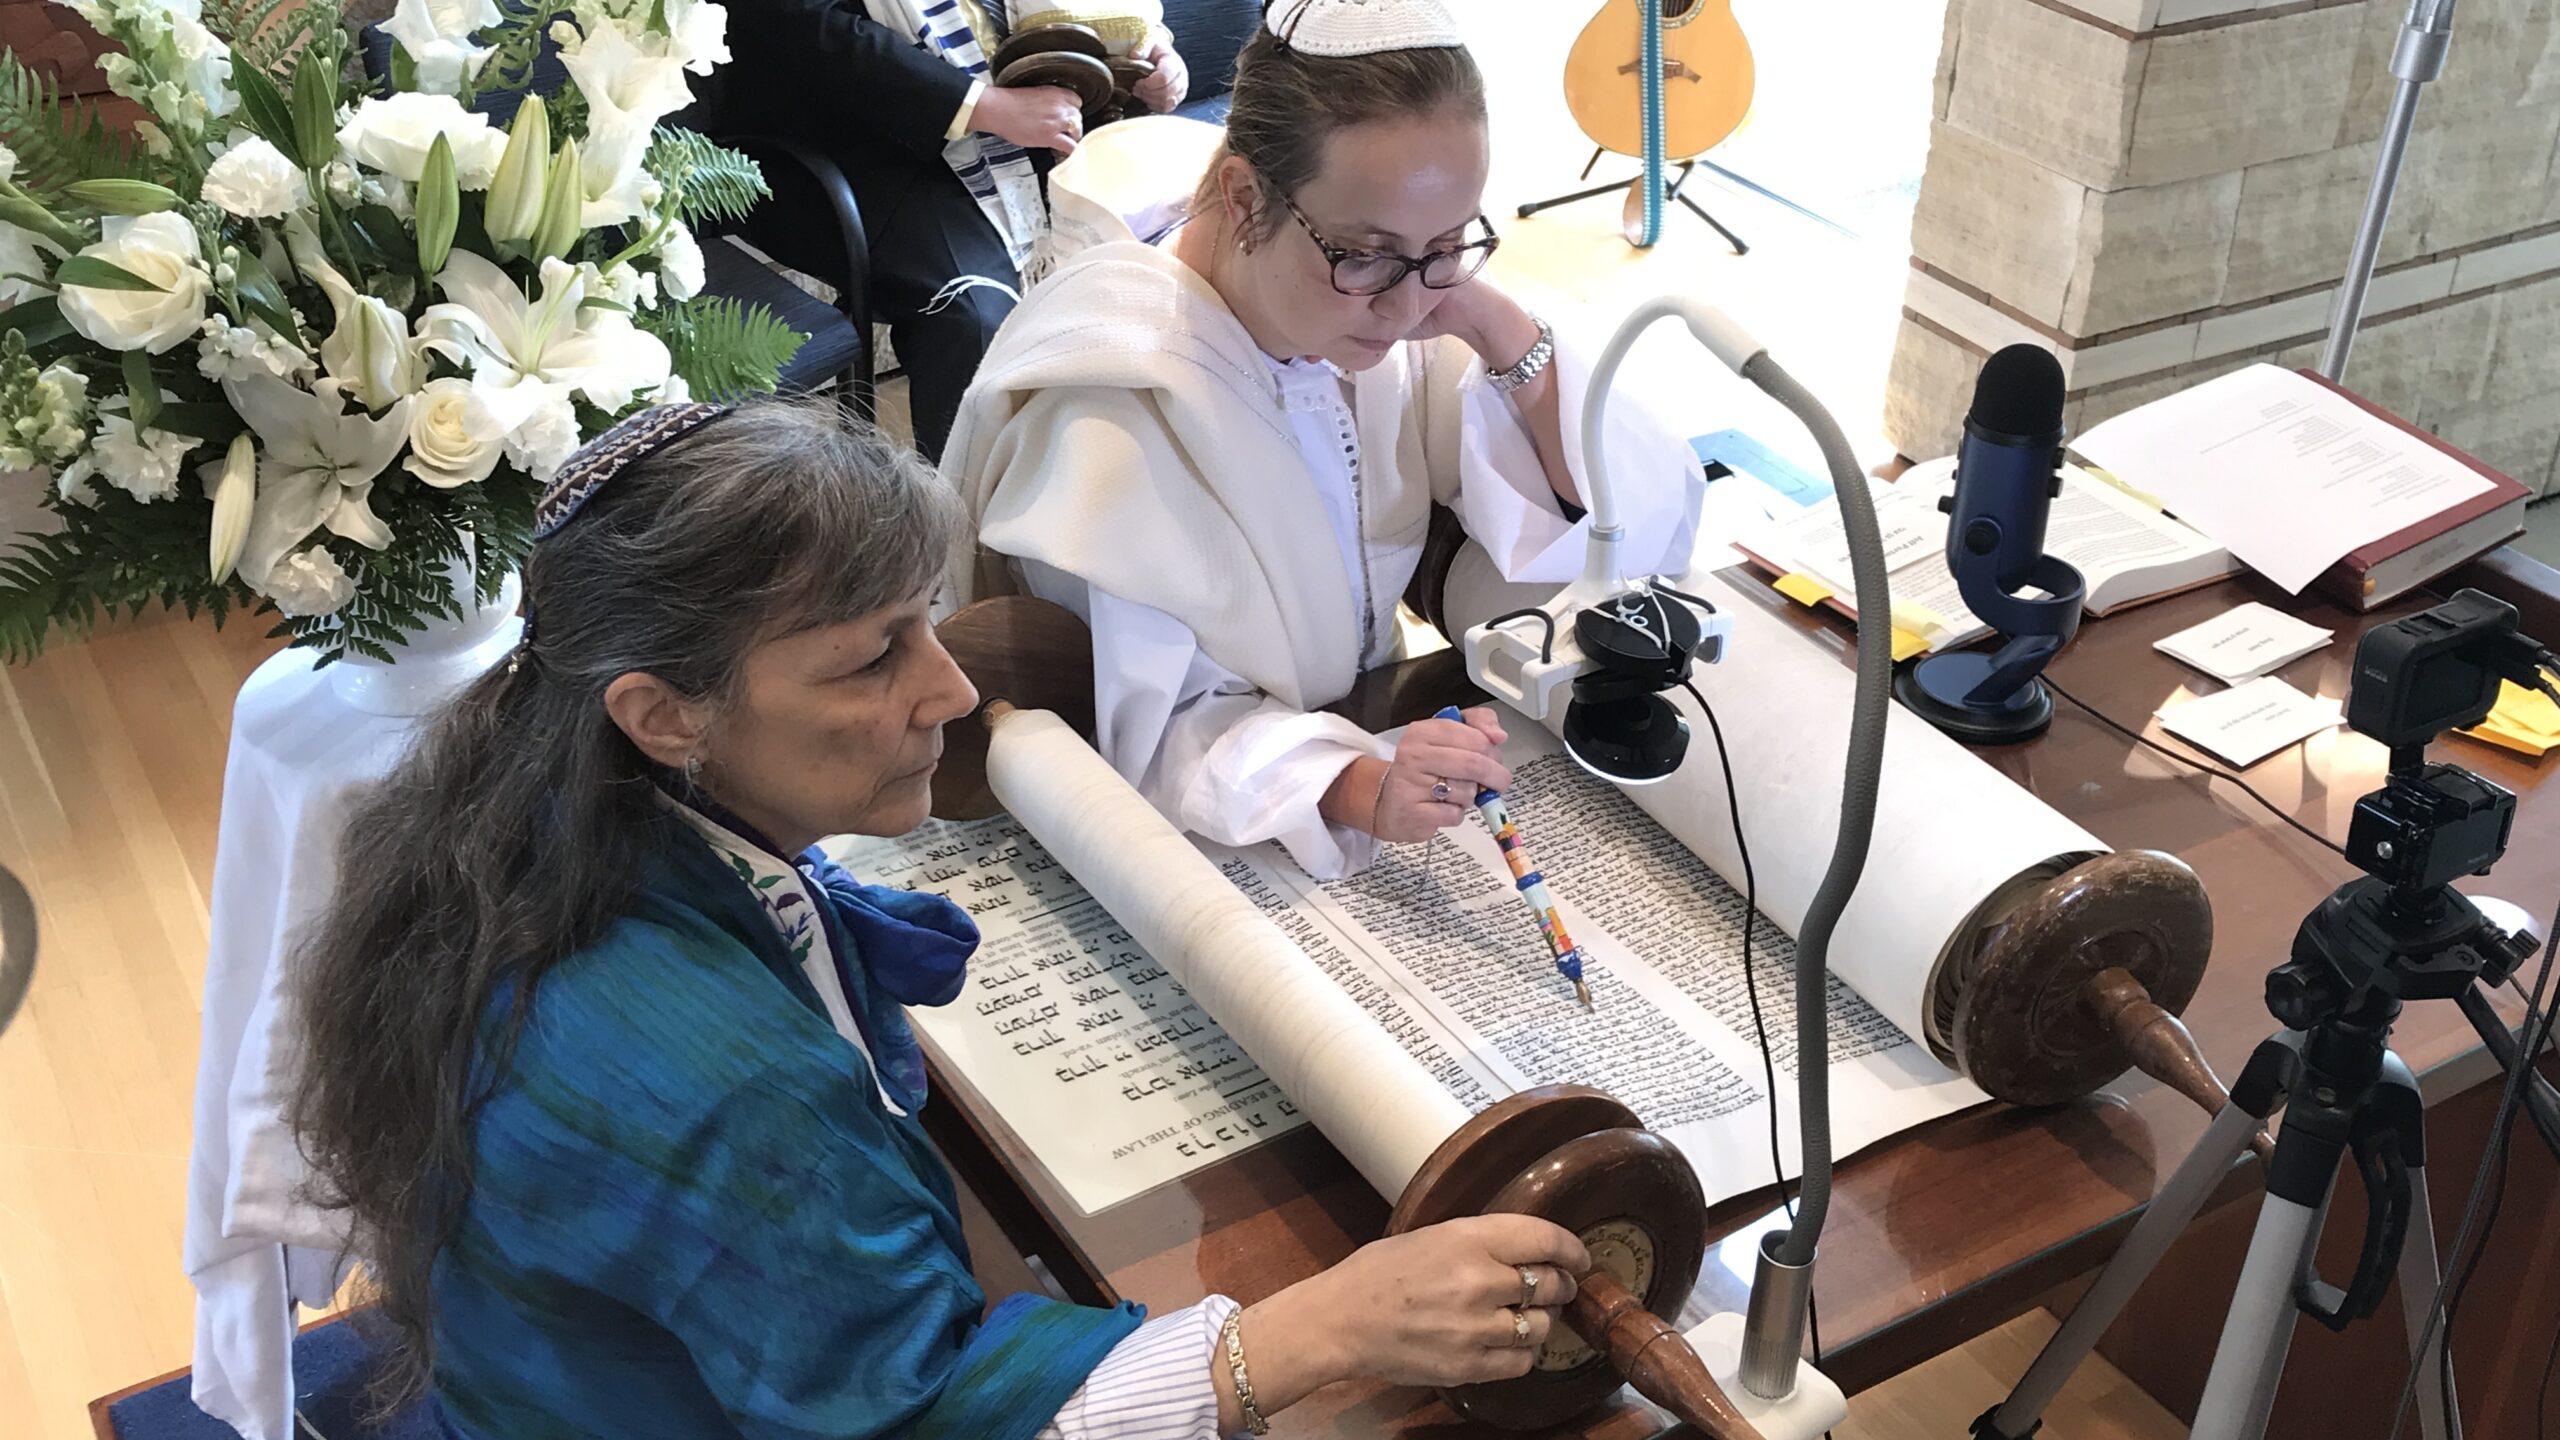 Rosh Hashanah Streaming Torah Service